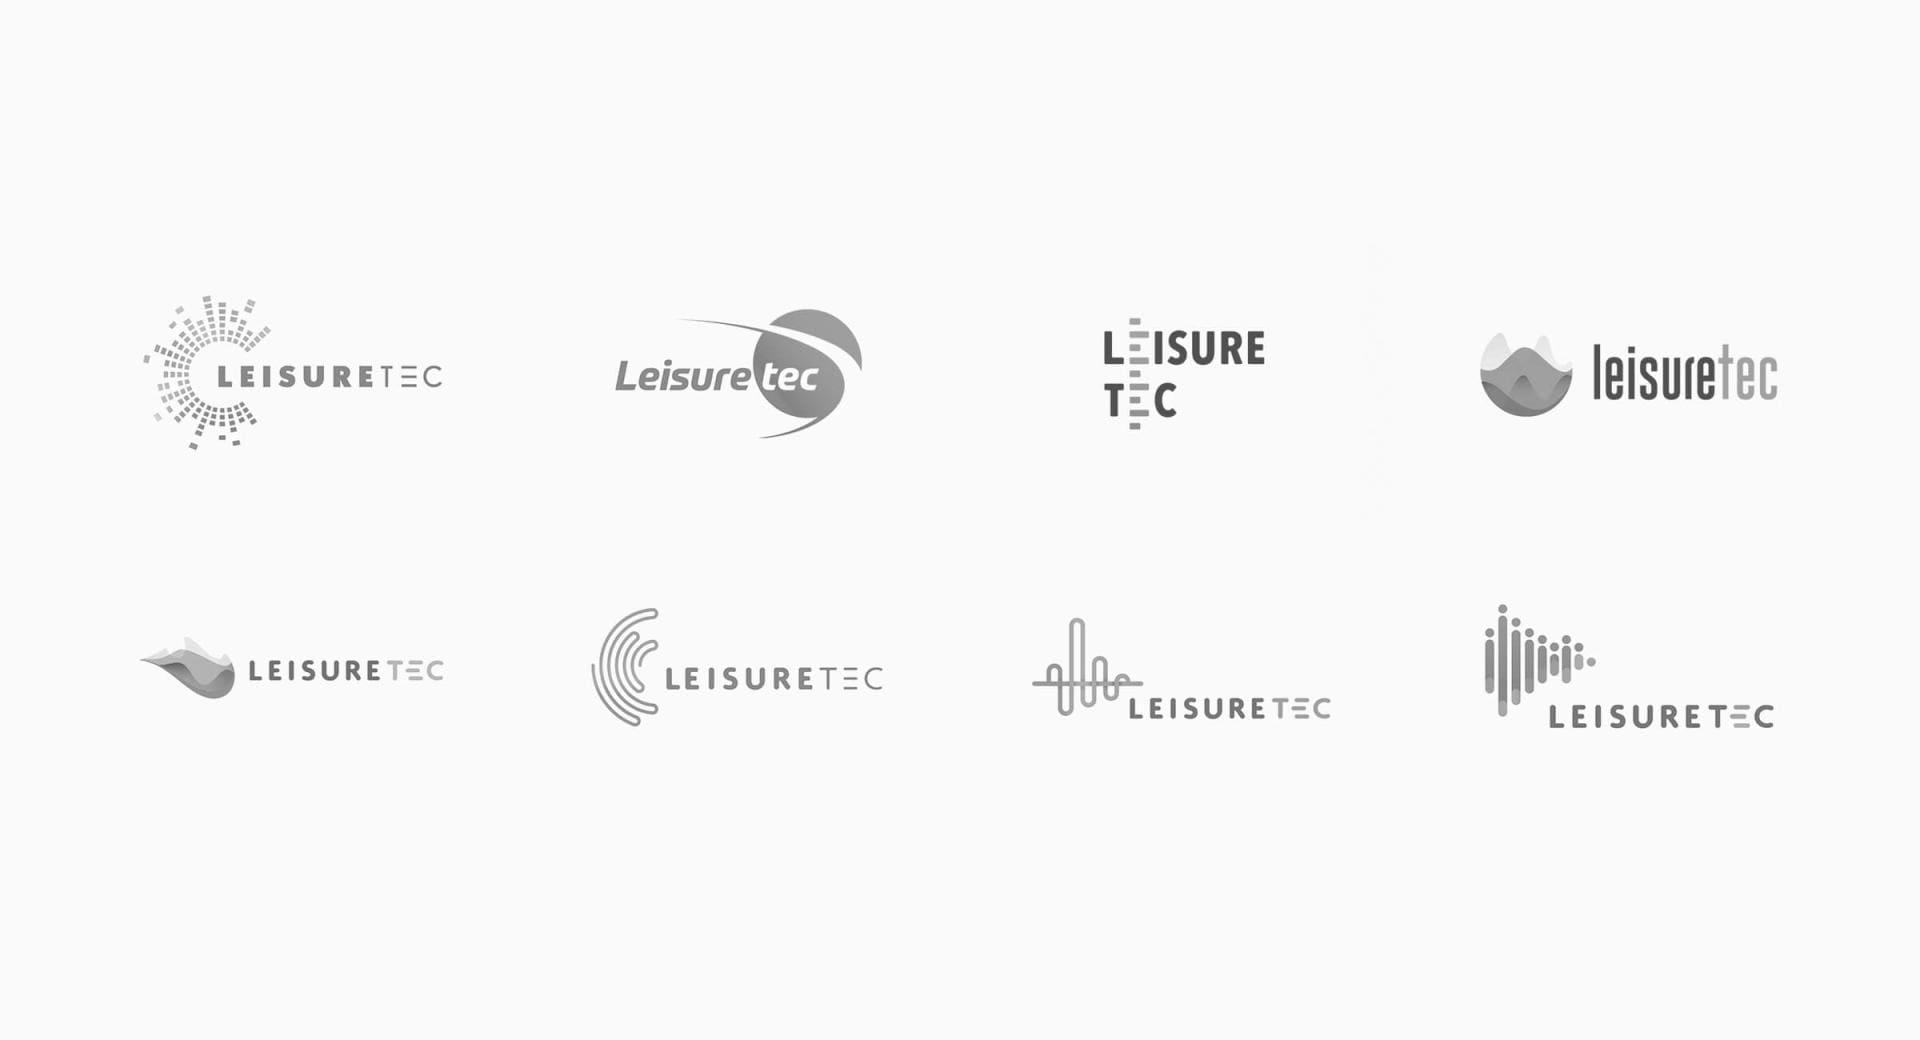 Leisuretec Logo Design Concepts